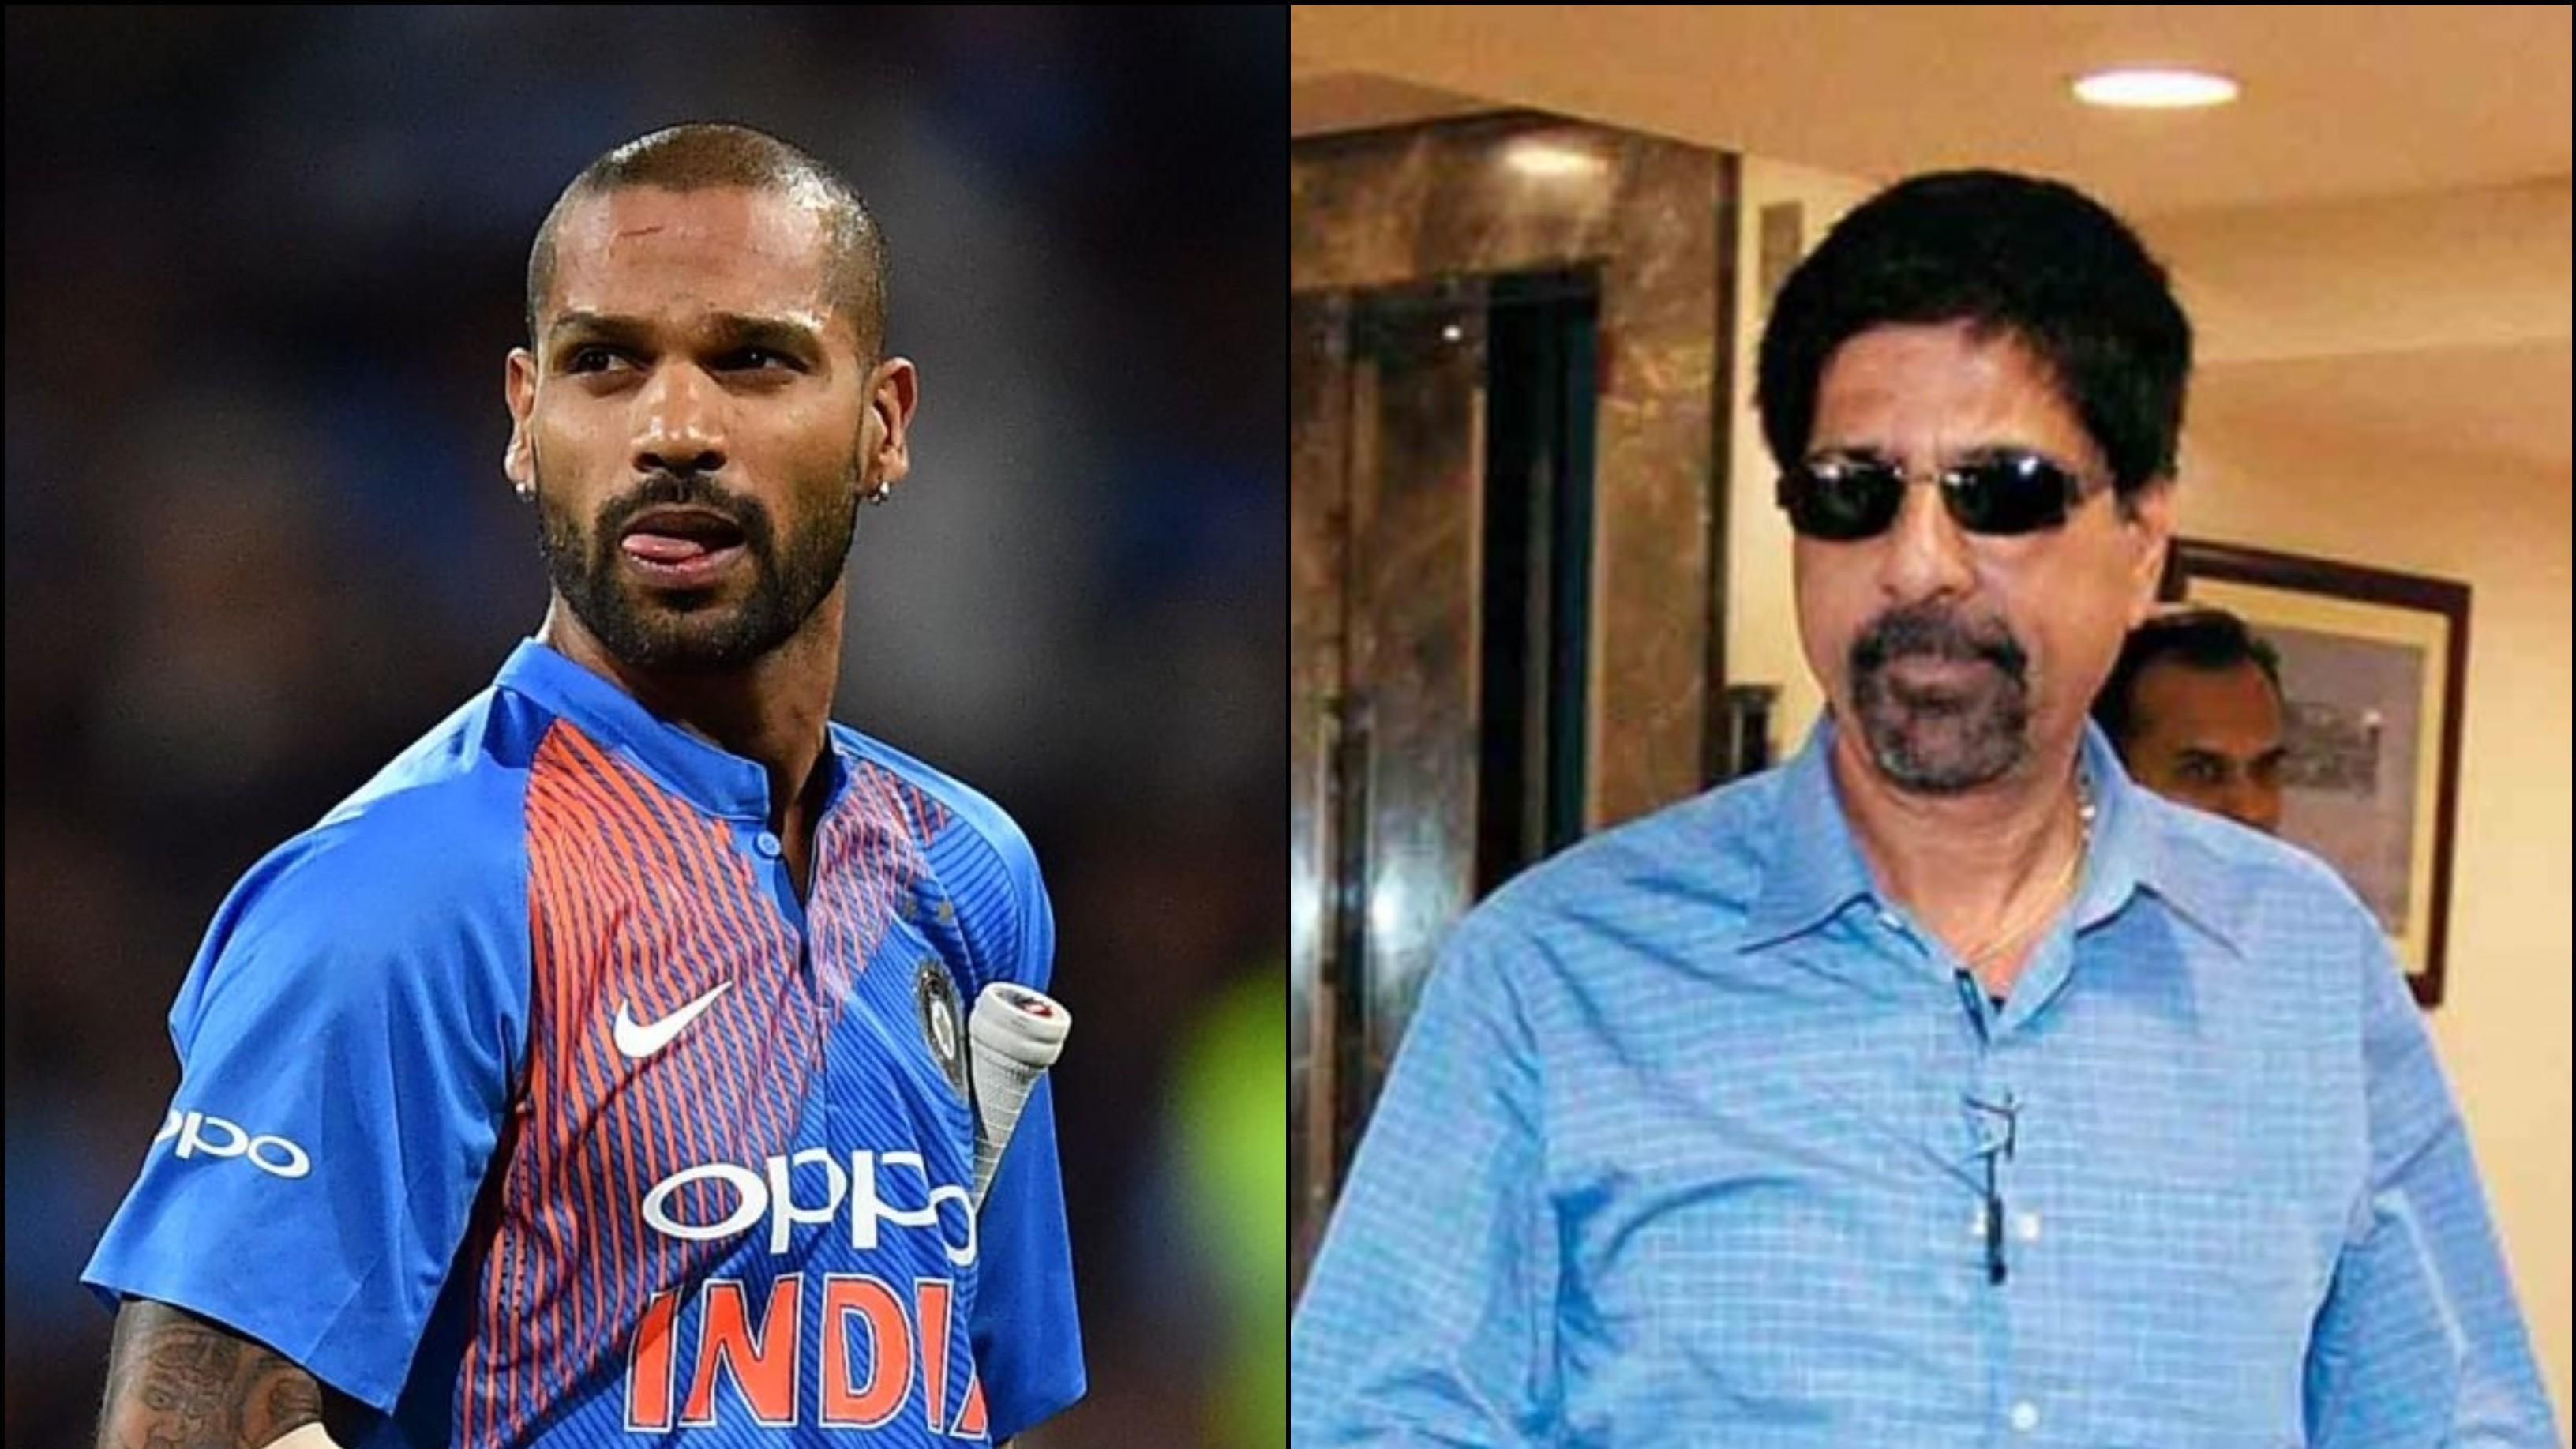 'धवन का दृष्टिकोण मुझे चकित करता है', पूर्व चयनकर्ता ने सुझाया टी-20 में रोहित शर्मा के नए सलामी जोड़ीदार का नाम